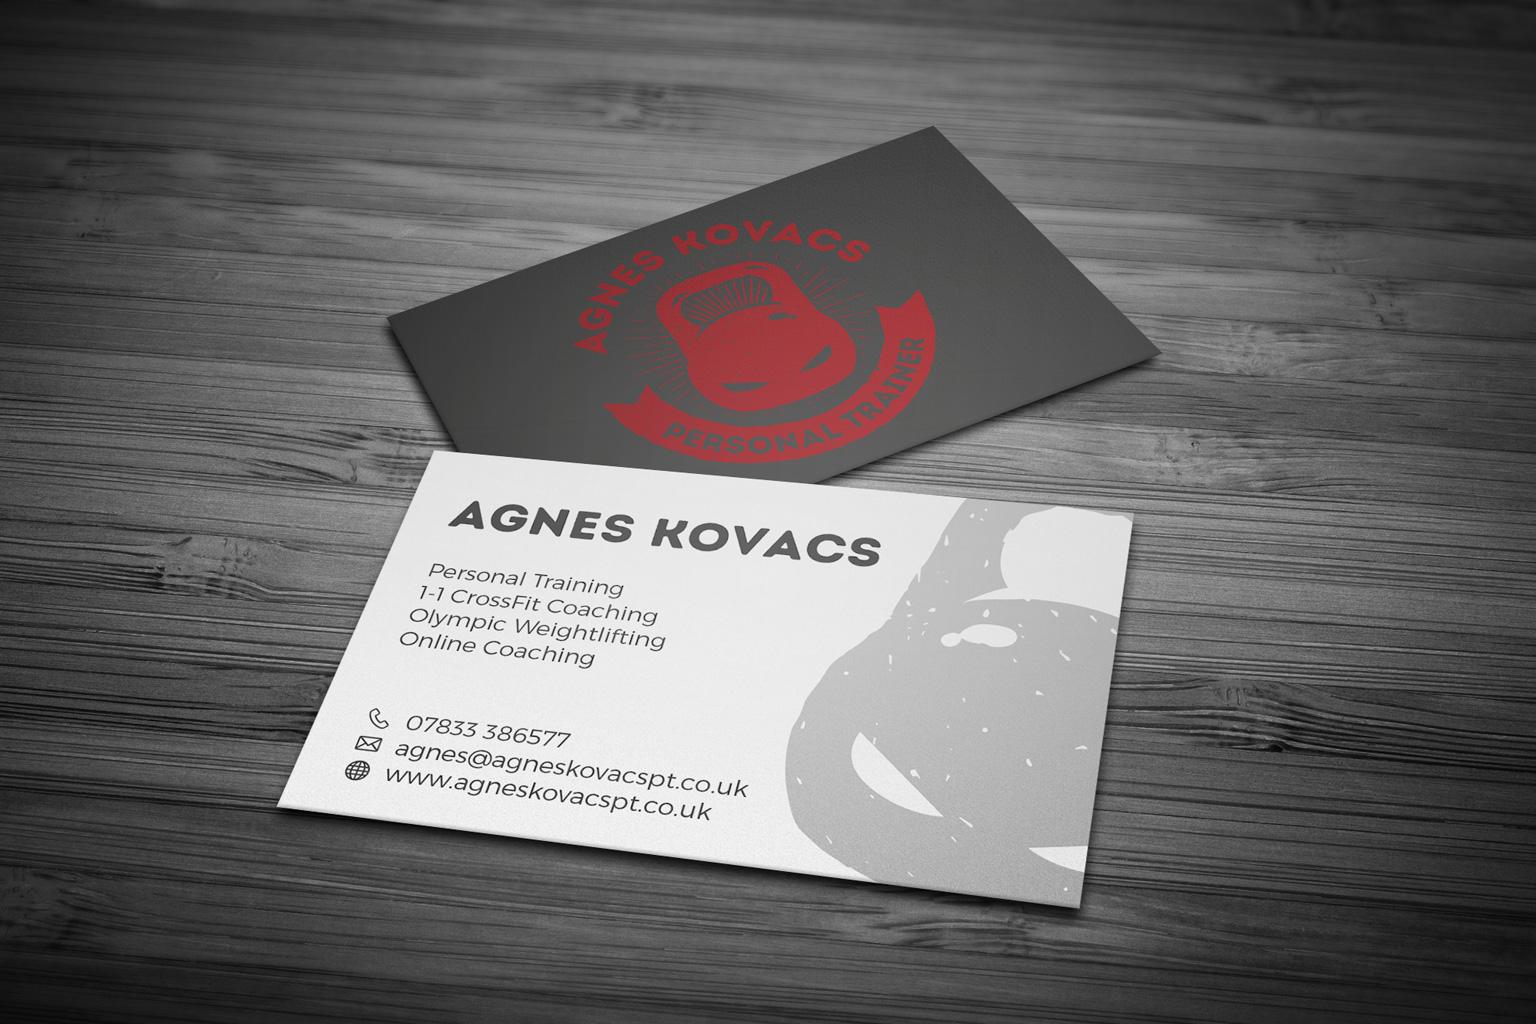 AgiKovi-bcards